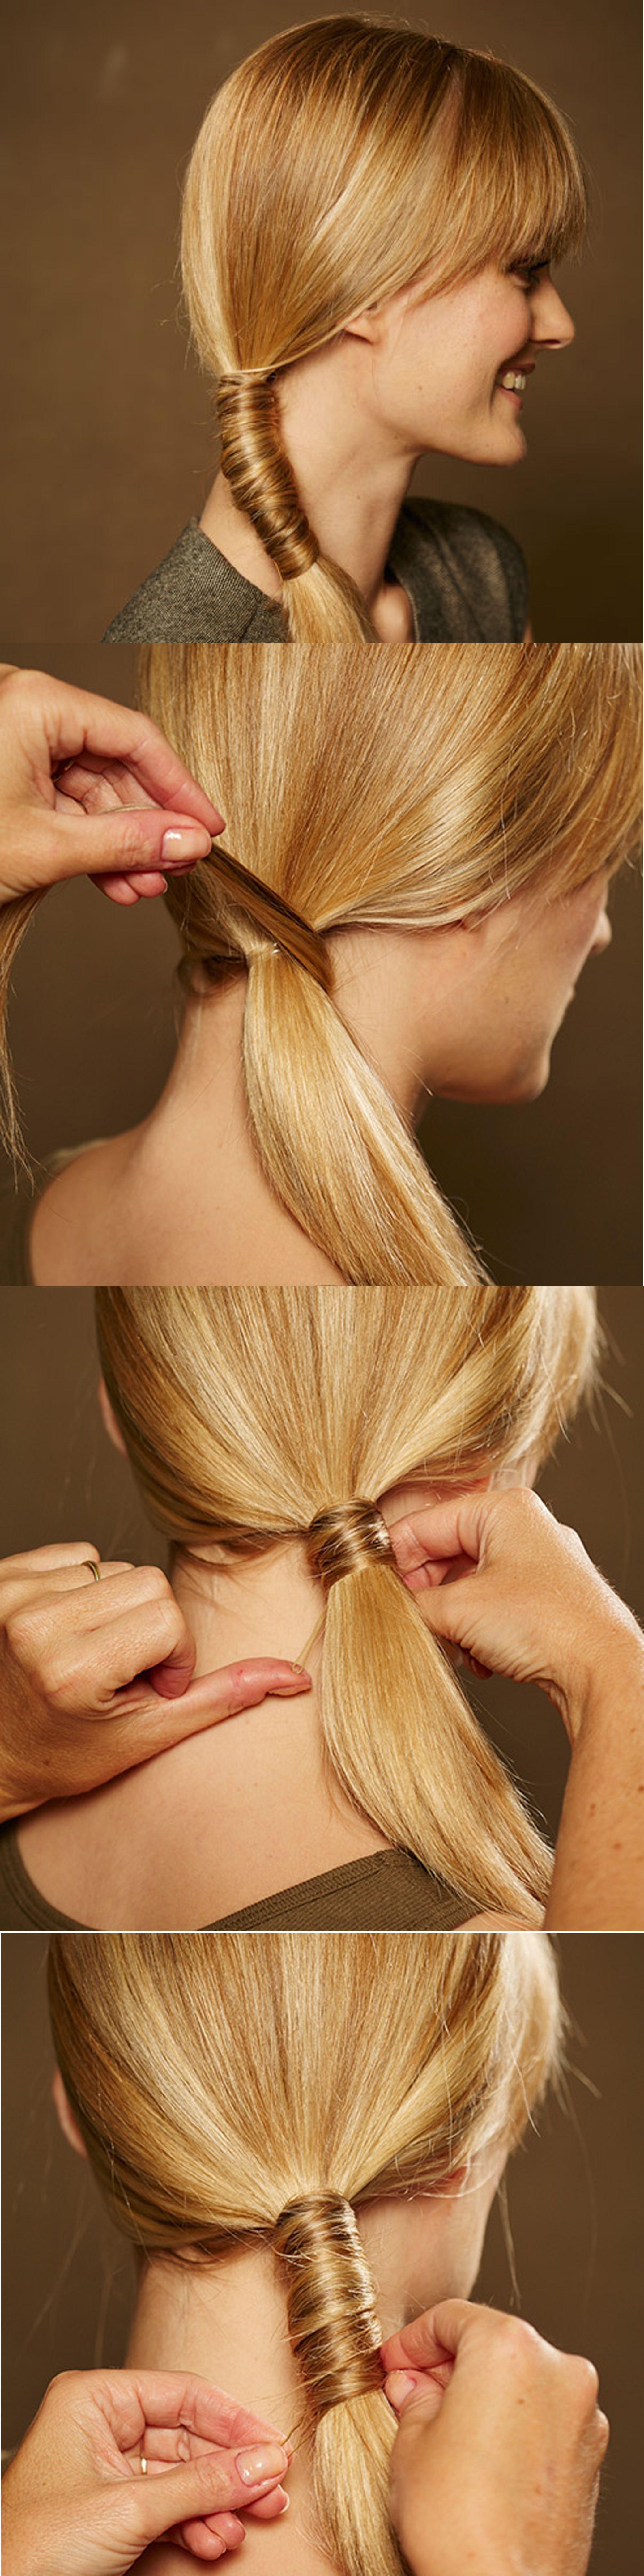 Zopf Puristisch Eingedreht 1 Haare Seitlich Zusammenbinden 2 Von Der Zopfunterseite Eine Strahne Herausnehme Zopfe Haare Mittellange Haare Frisuren Flechten